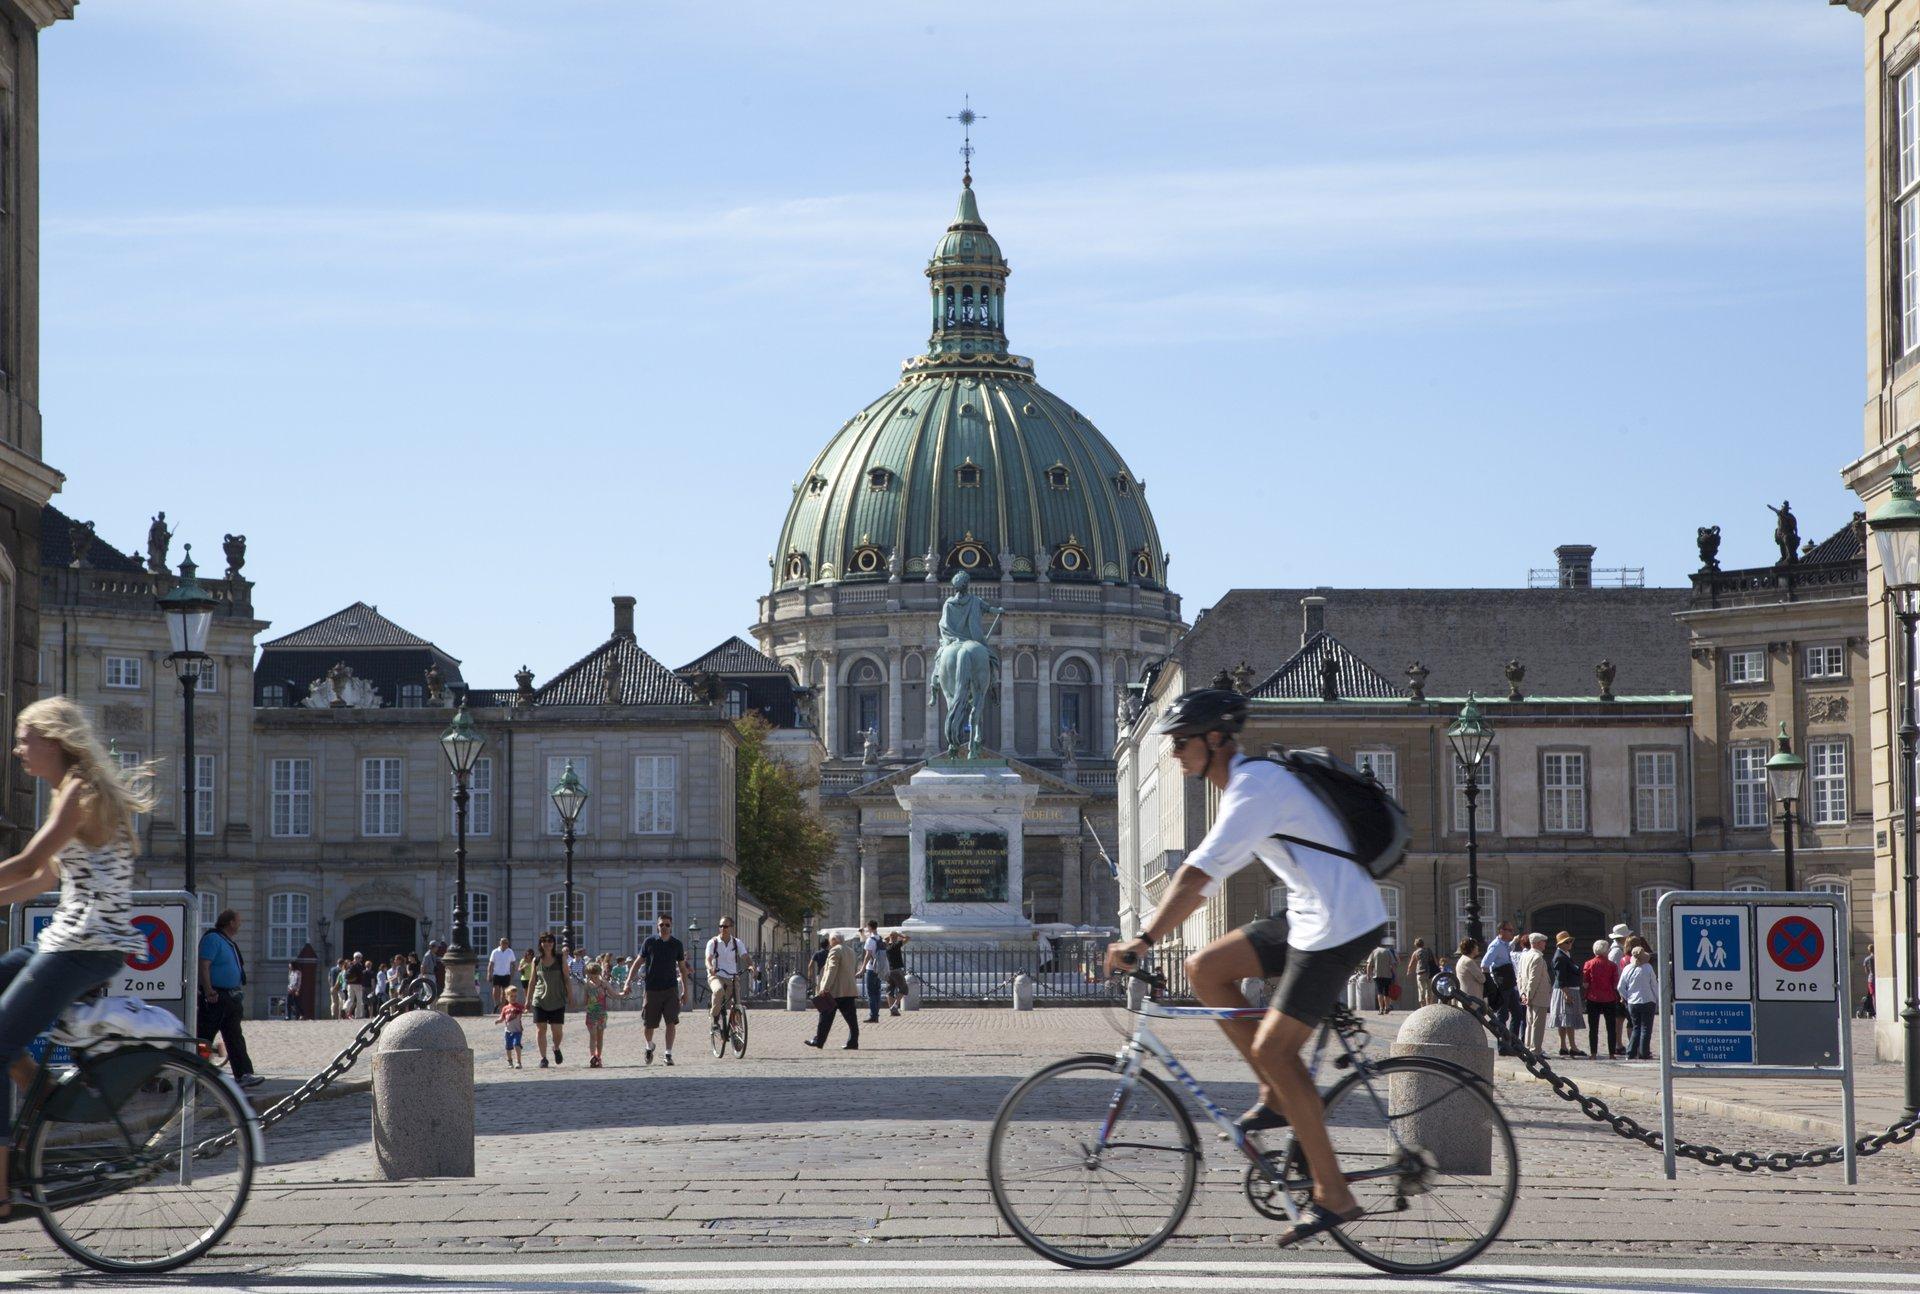 Seksdagesreglen rammer dansk turisme hårdt, navnlig i storbyerne, skriver formændene for henholdsvis Europabevægelsen og Horesta i debatindlæg. Arkivpressefoto for VisitDenmark, Kim Wyon.